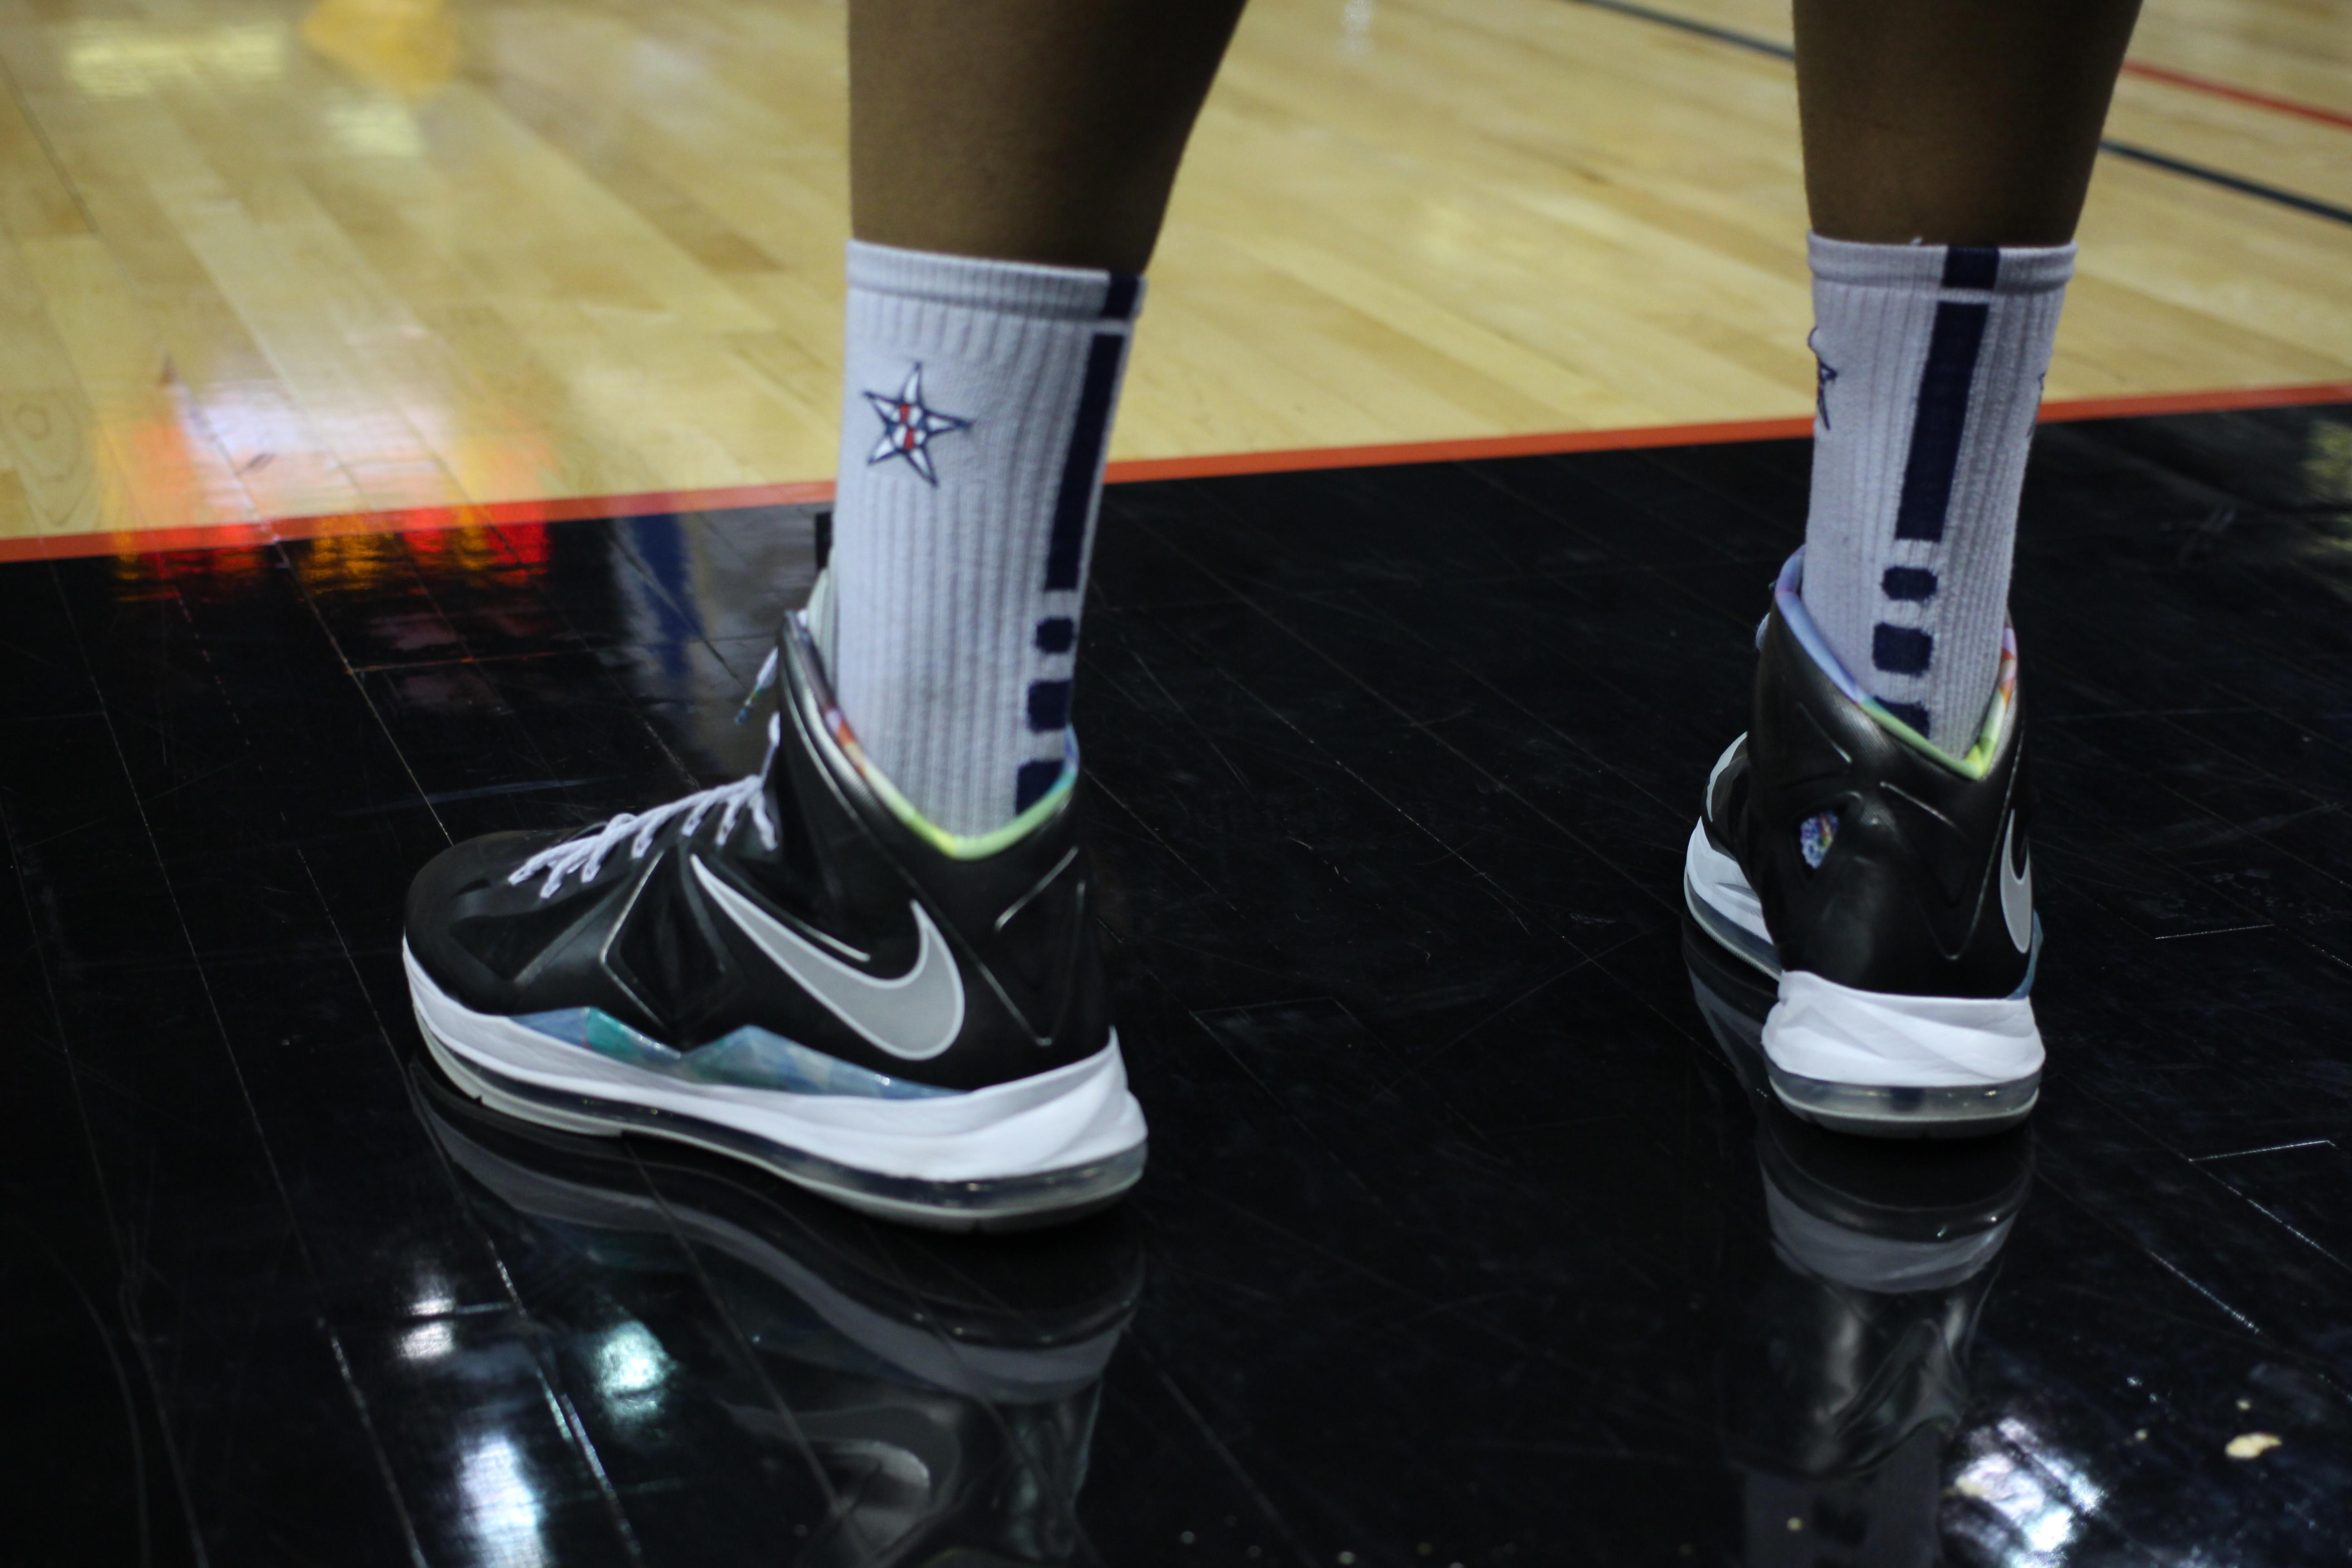 File:20130316 Jabari Parker's sneakers (1).JPG - Wikimedia ... Jabari Parker Shoes